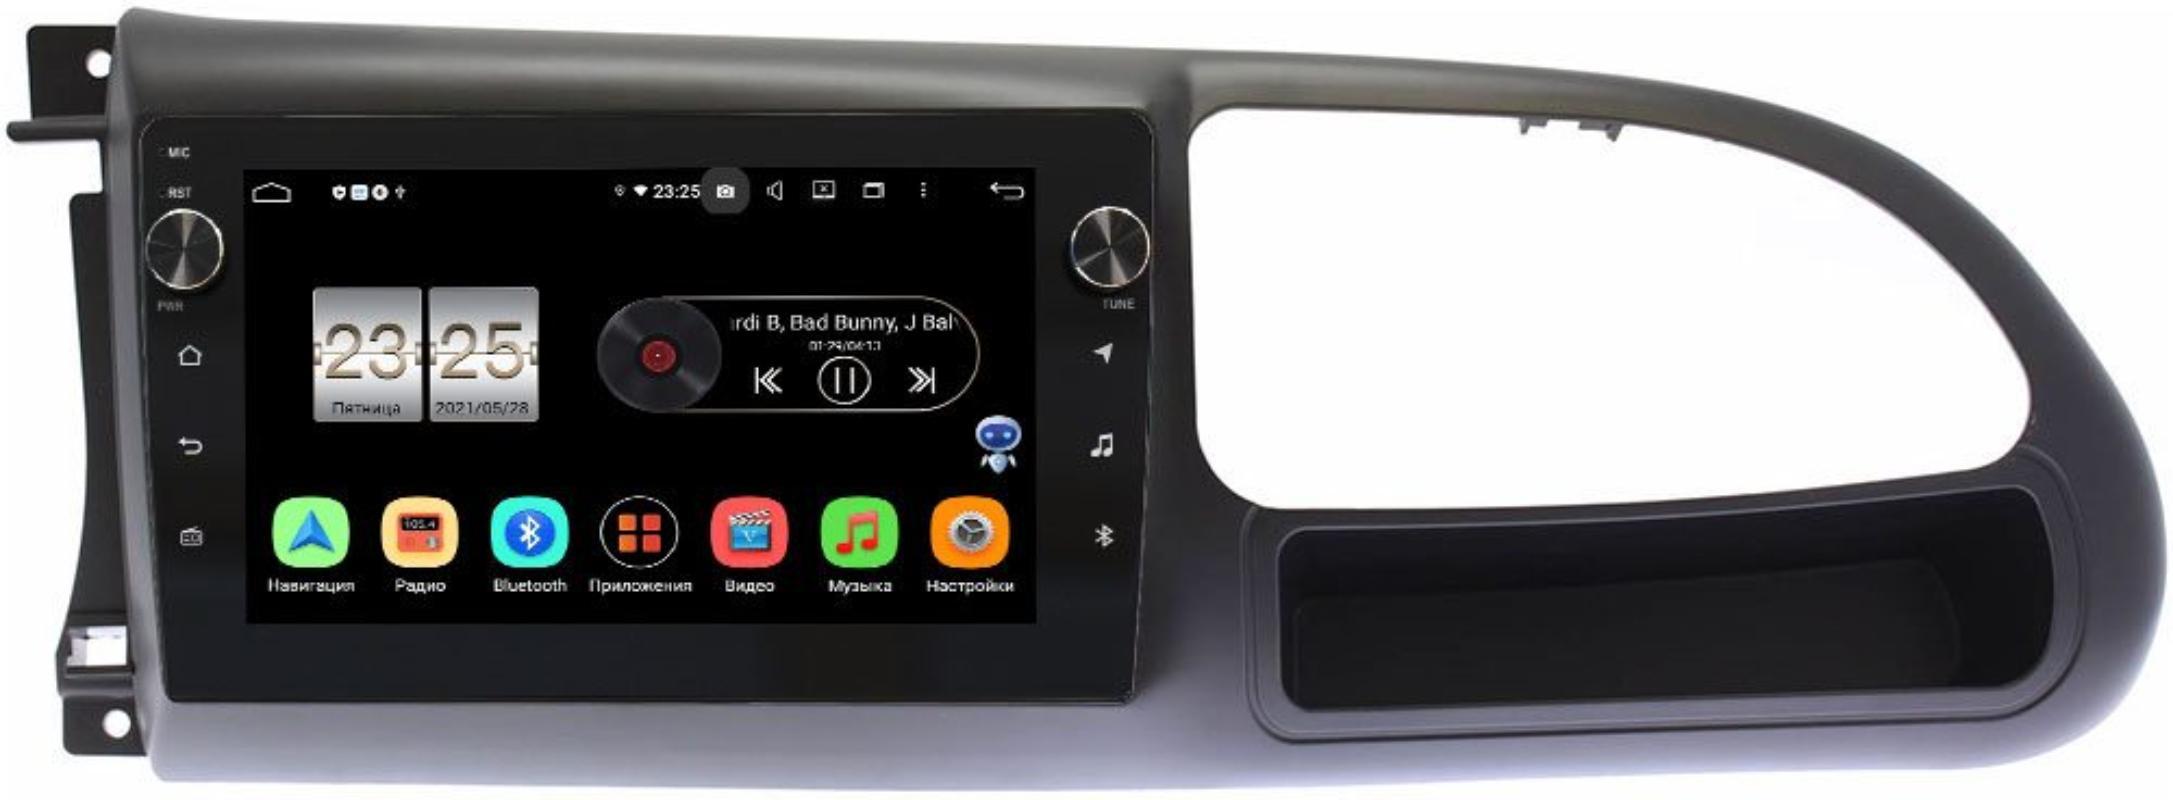 Штатная магнитола Ford Transit (2006-2013) LeTrun BPX409-9283 на Android 10 (4/32, DSP, IPS, с голосовым ассистентом, с крутилками) (+ Камера заднего вида в подарок!)